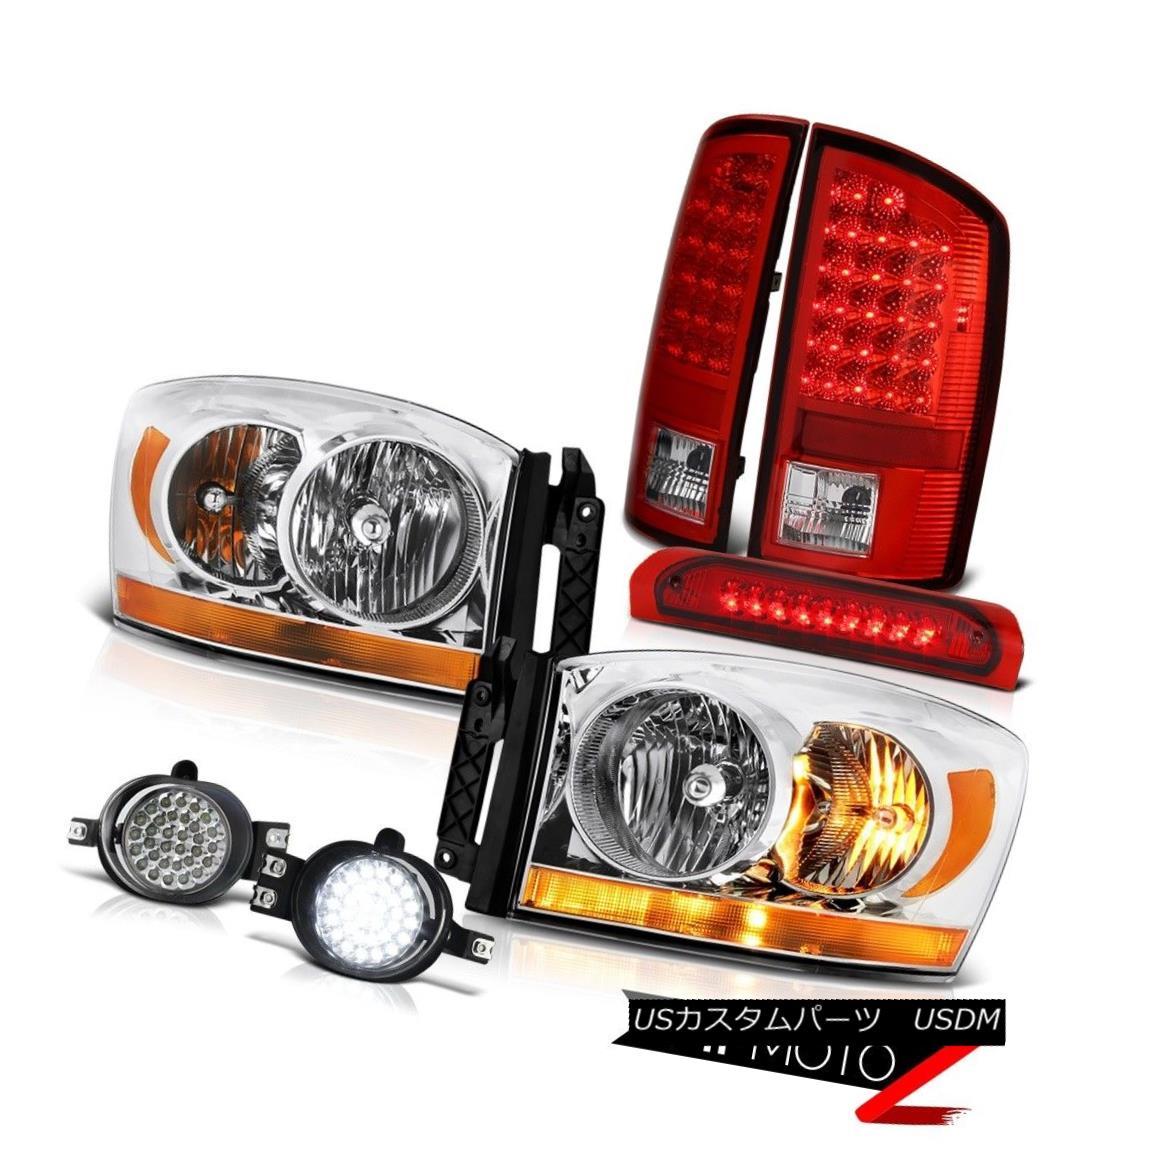 テールライト 07-08 Dodge Ram 1500 St Headlights Foglights Red Third Brake Lamp Tail Lights 07-08ダッジラム1500セントヘッドライトフォグライトレッド第3ブレーキランプテールライト